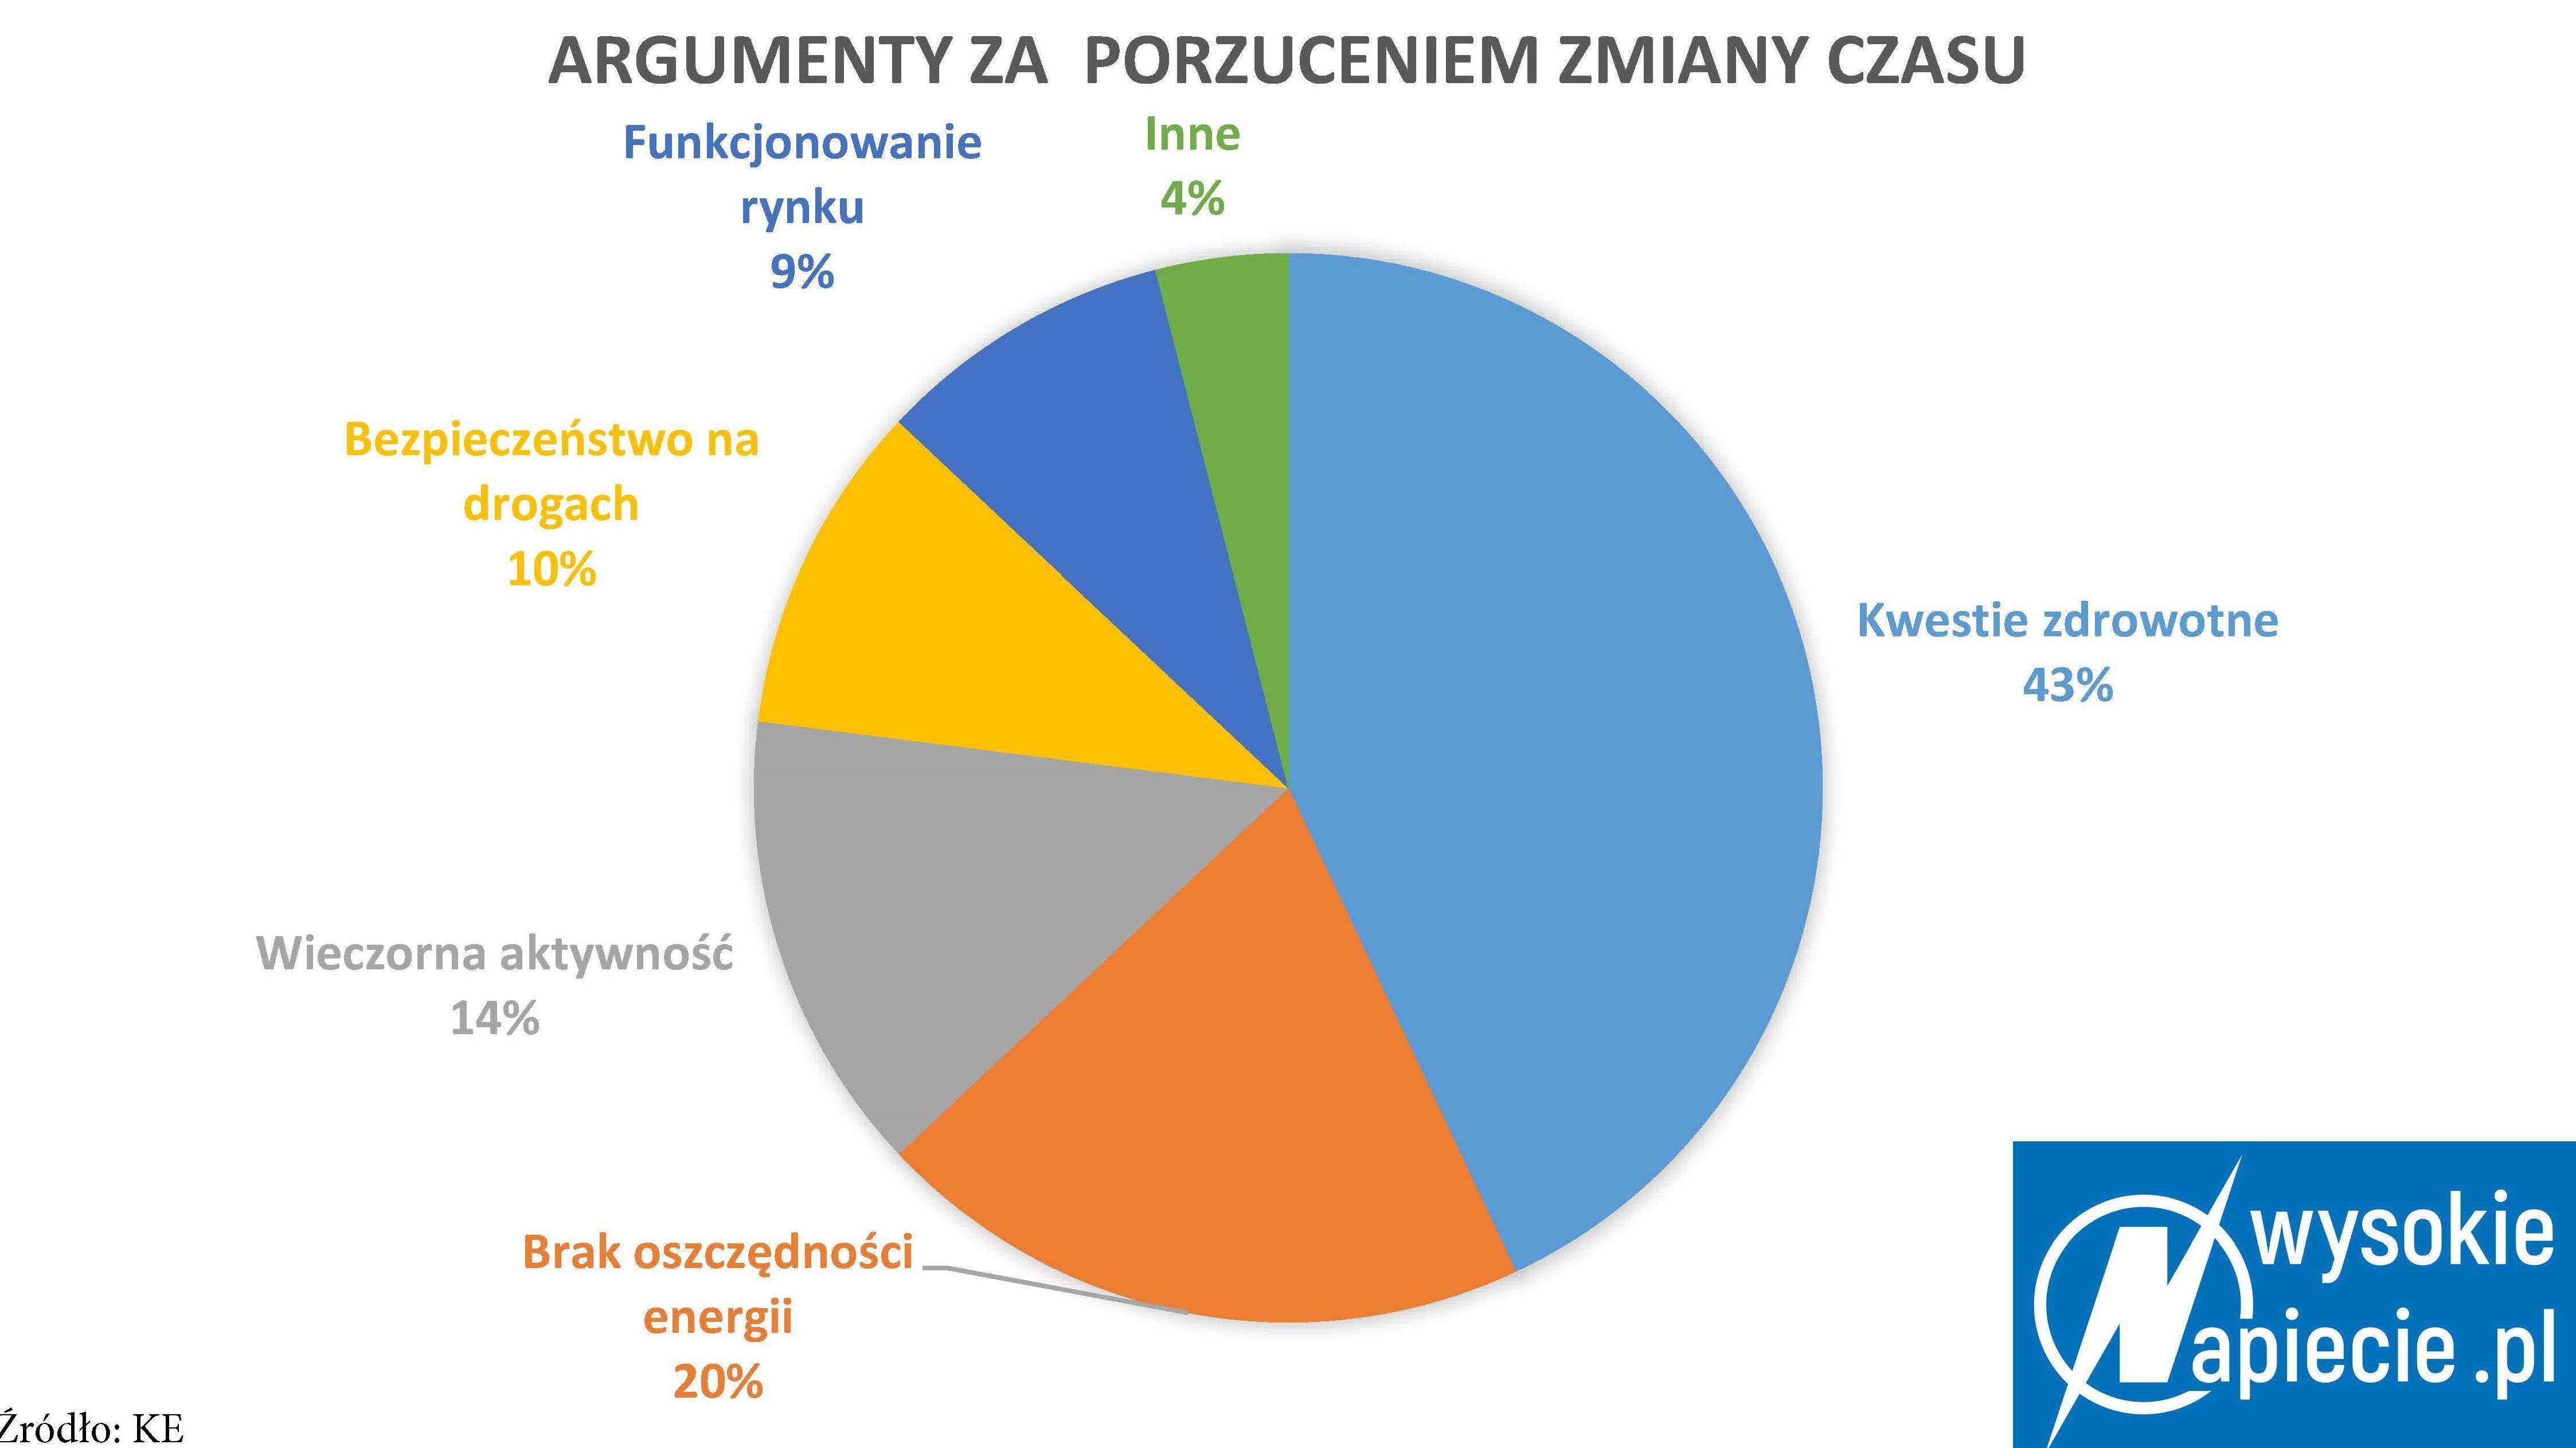 Argumenty za porzuceniem zmiany czasu, źródło: WysokieNapiecie.pl